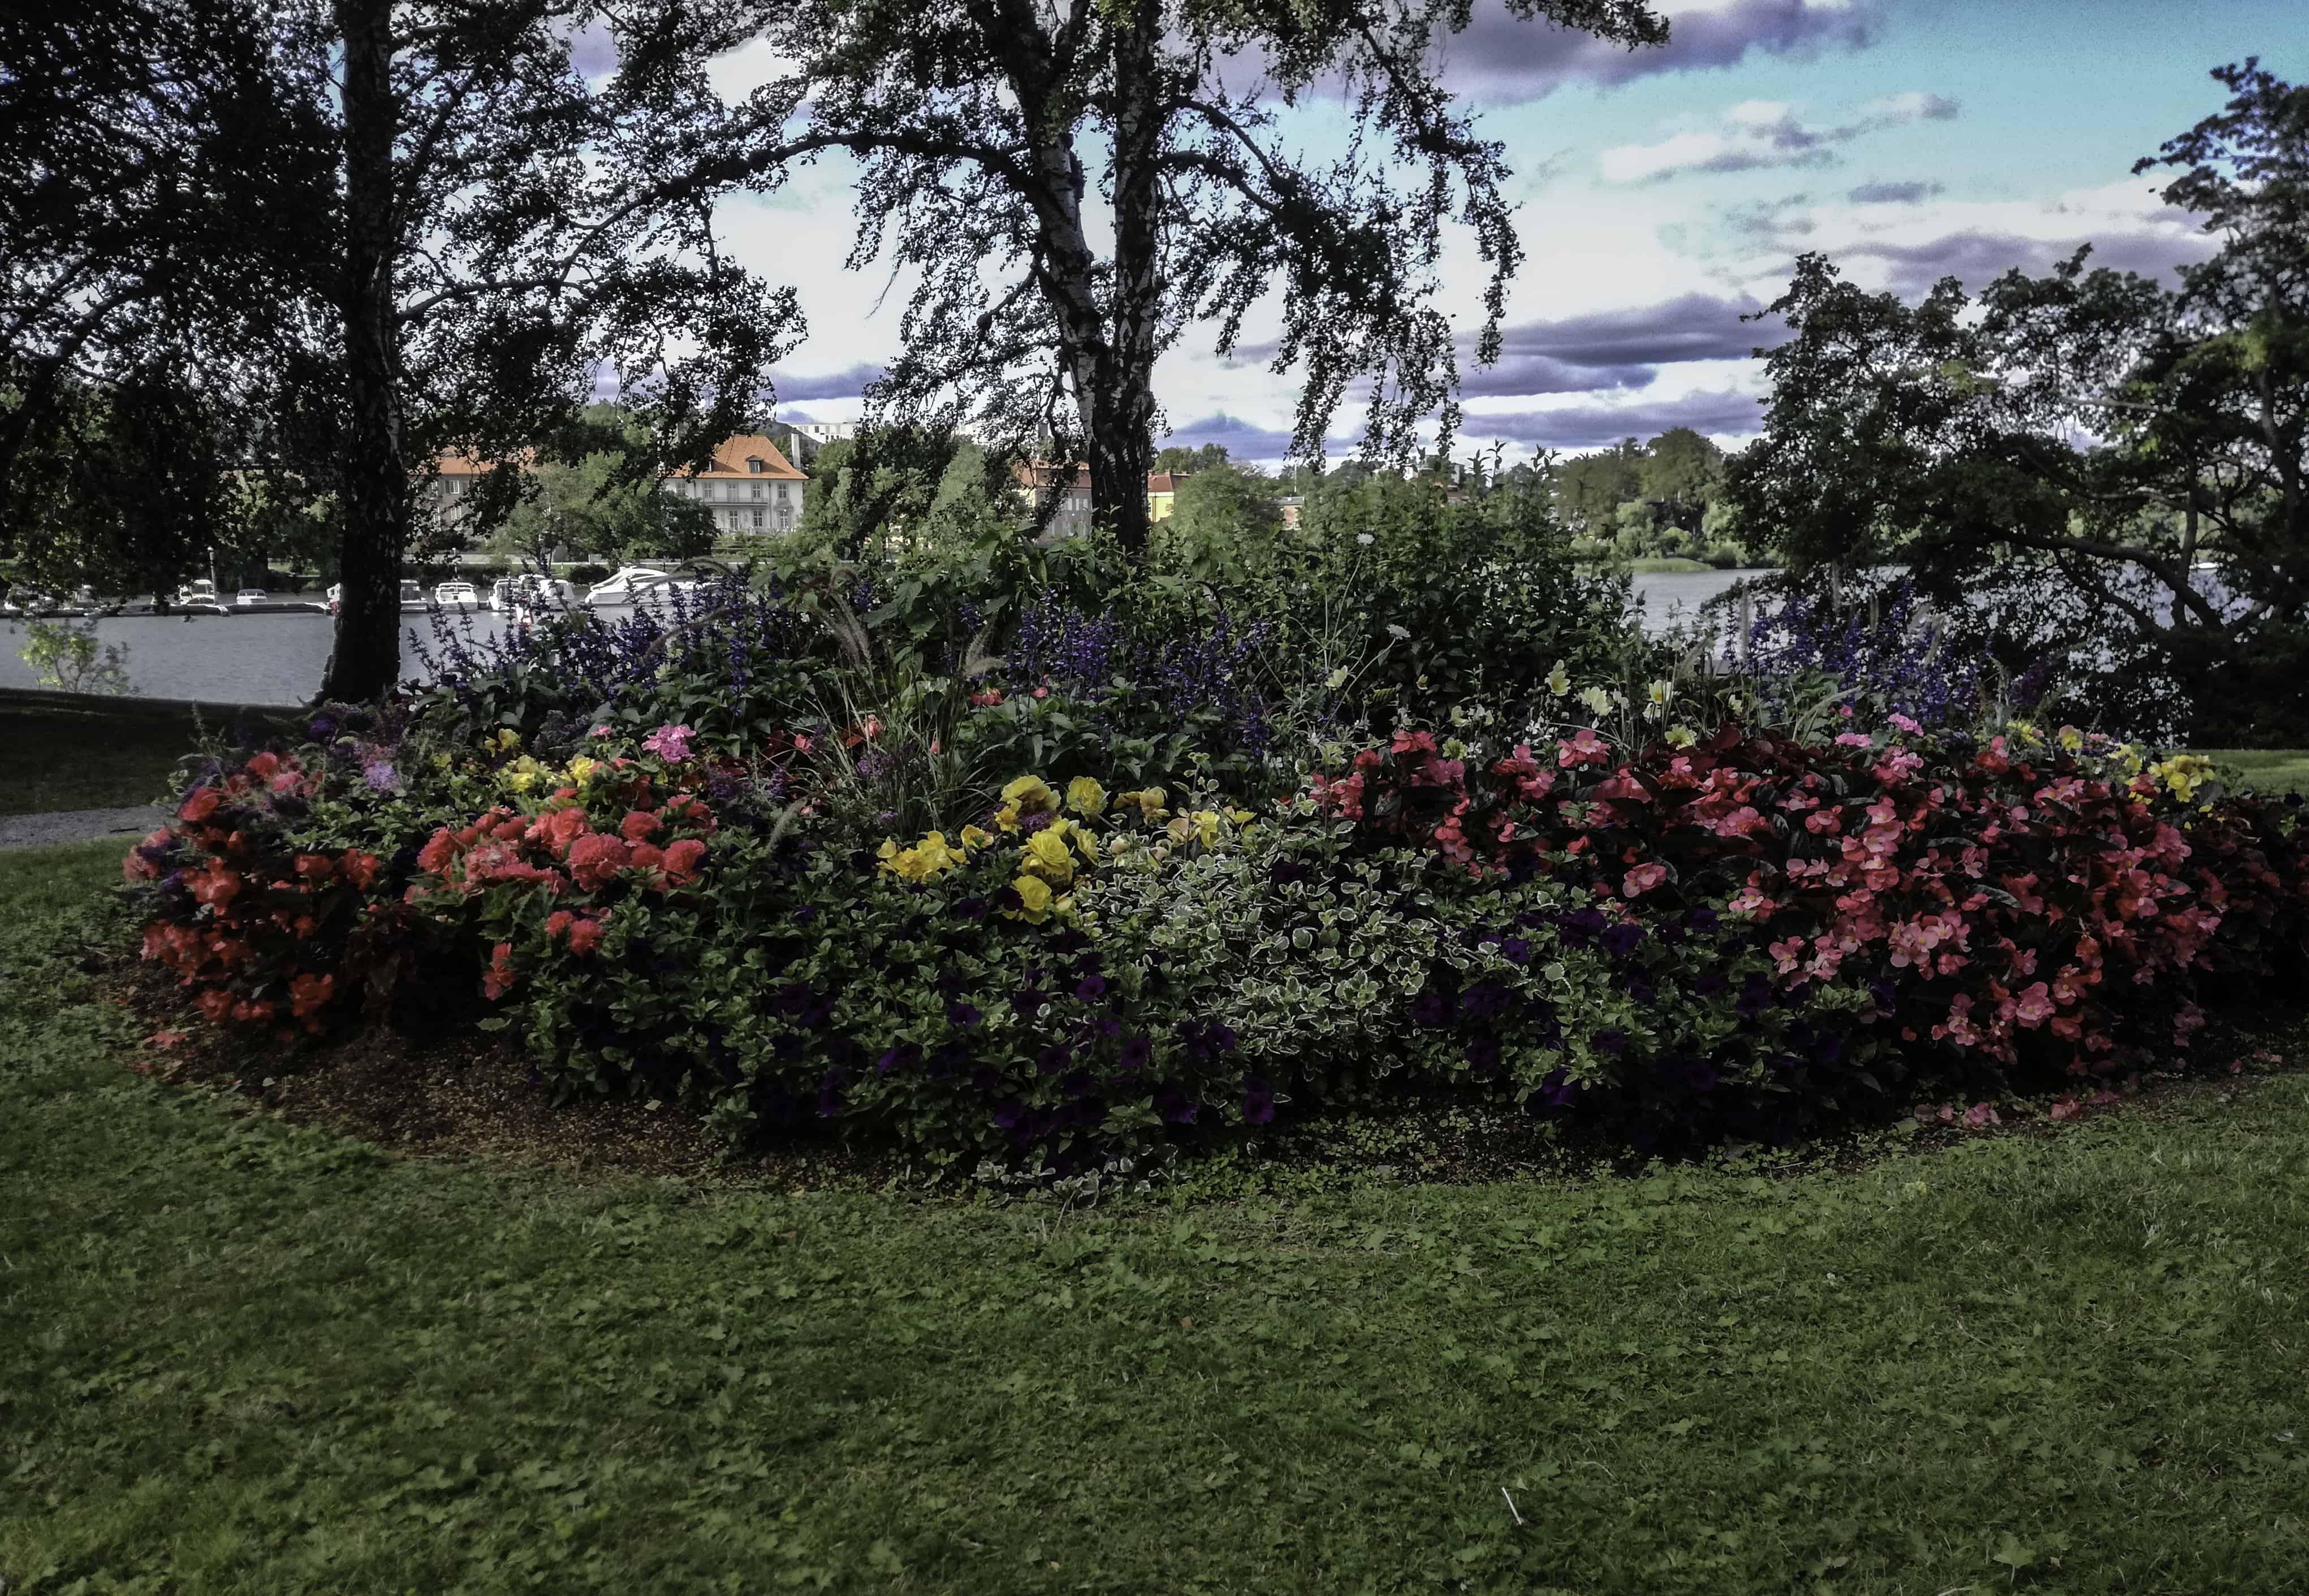 Τα λουλούδια έχουν την τιμητική τους στην Στοκχόλμη